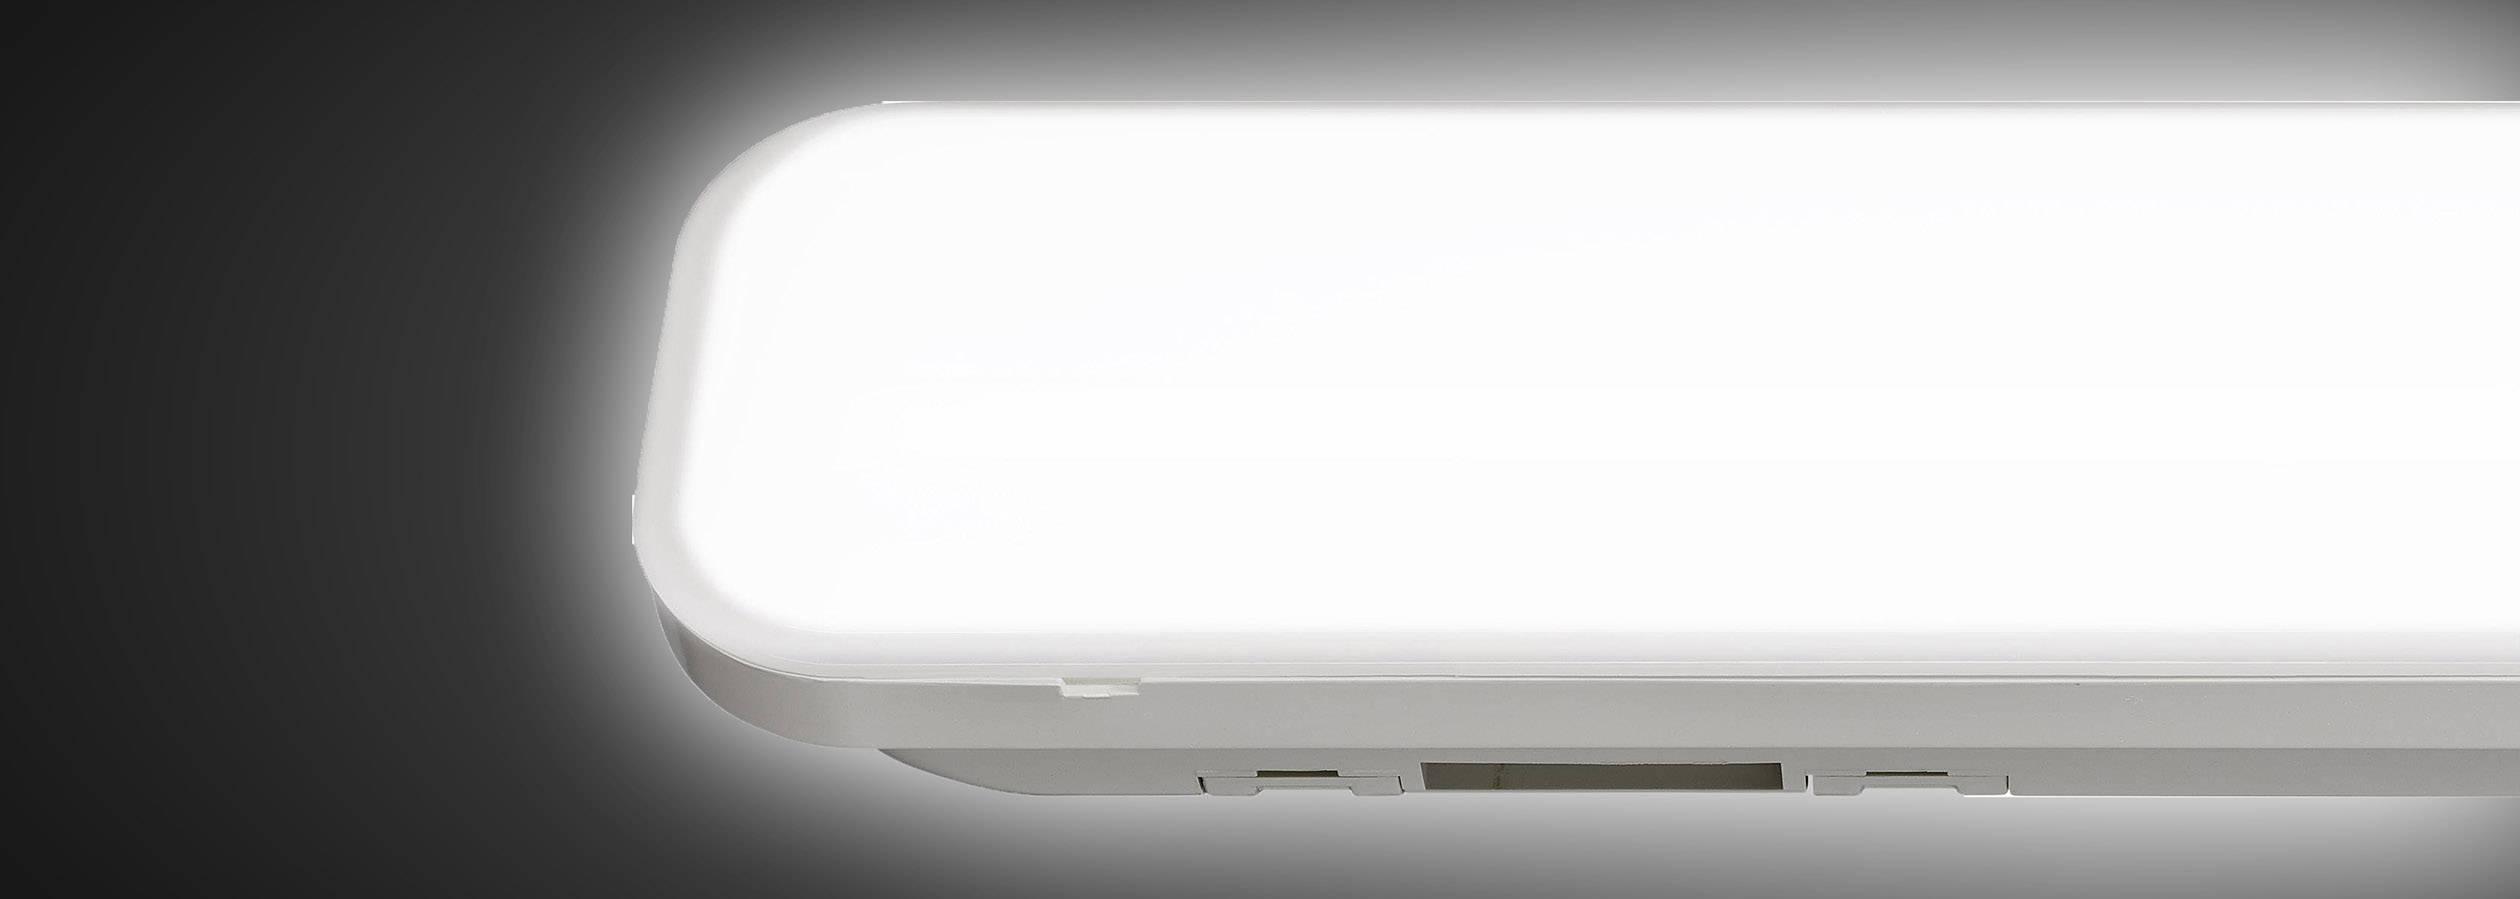 LED osvetlenie do vlhkého prostredia Renkforce 1483723 24 W neutrálne biela biela